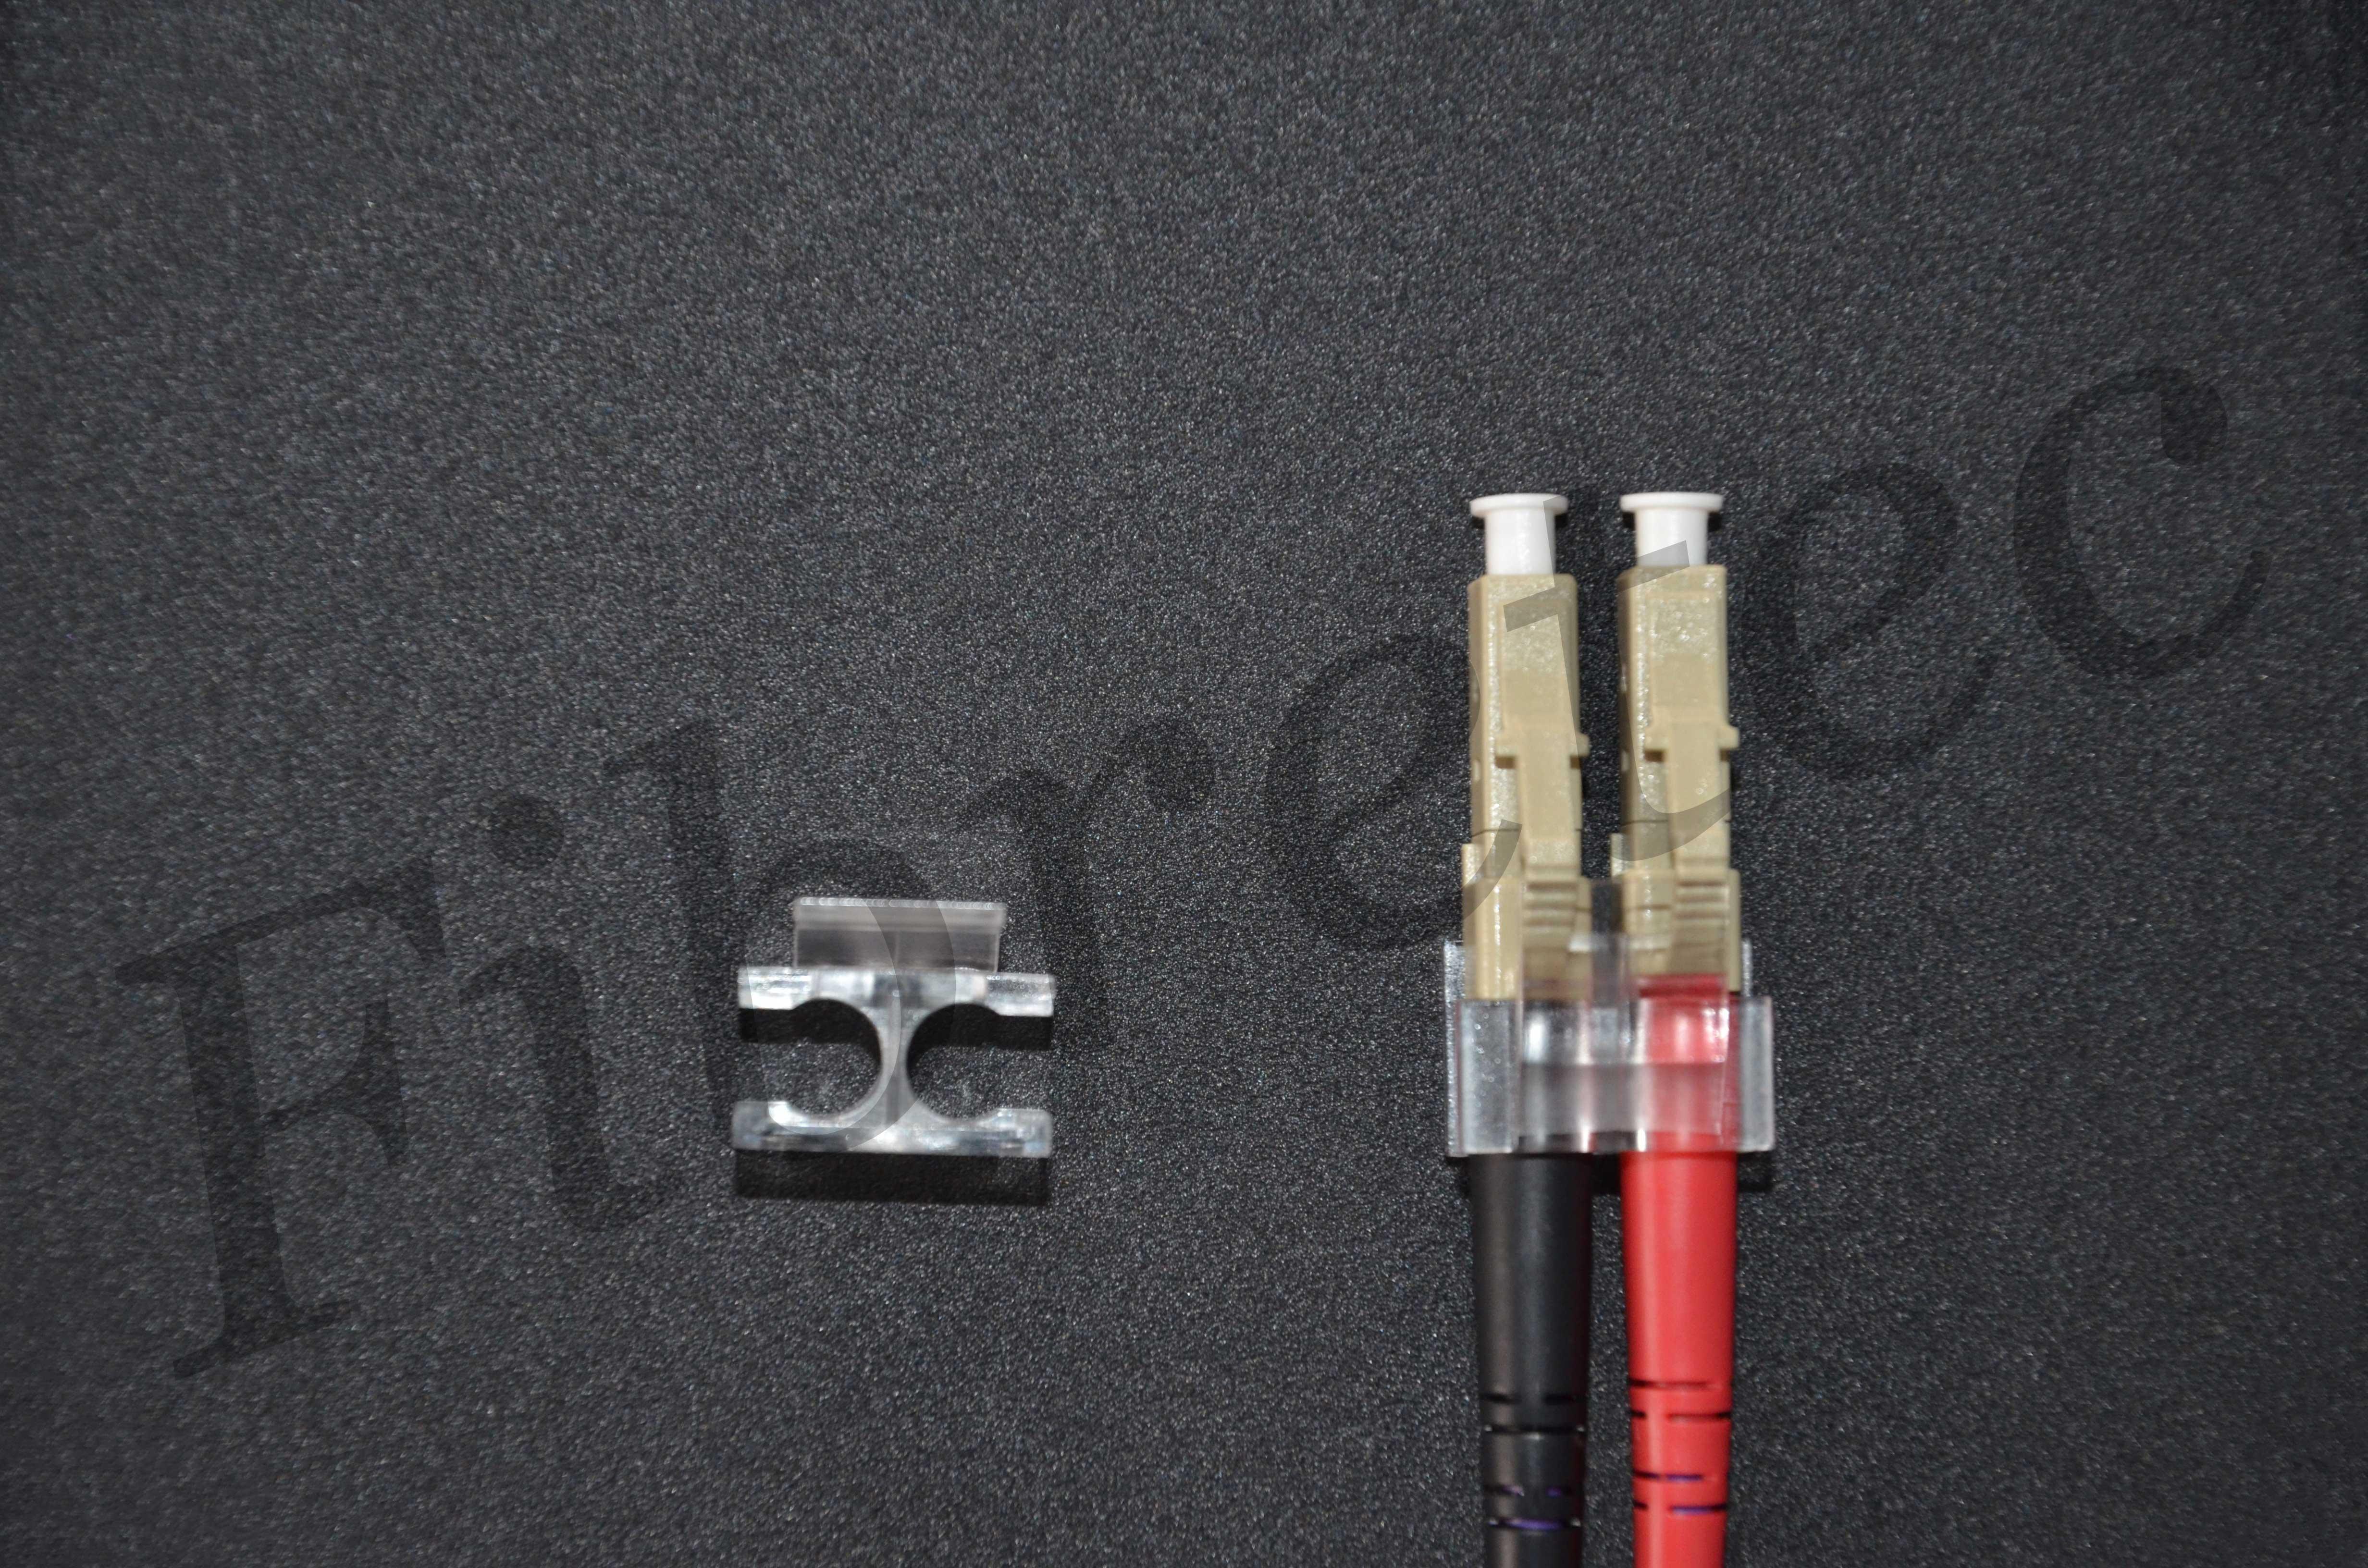 Bracelets d'accouplement pour connecteurs LC